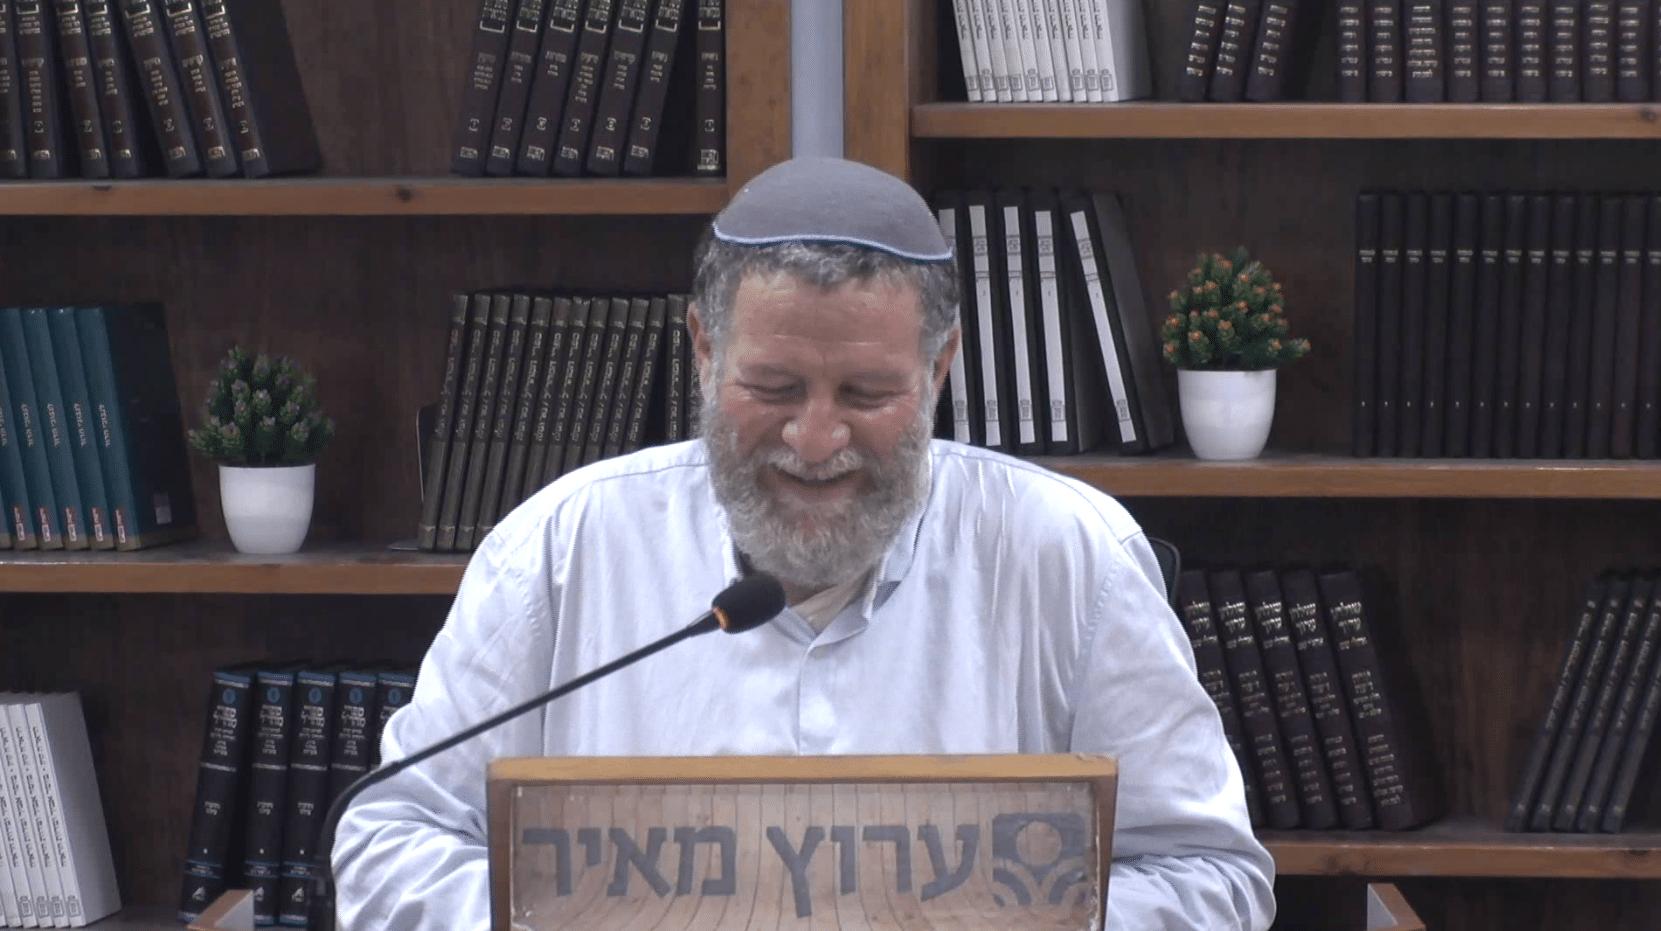 מצוות הכהונה – פסיכולוגיה מיוחדת של הכהנים